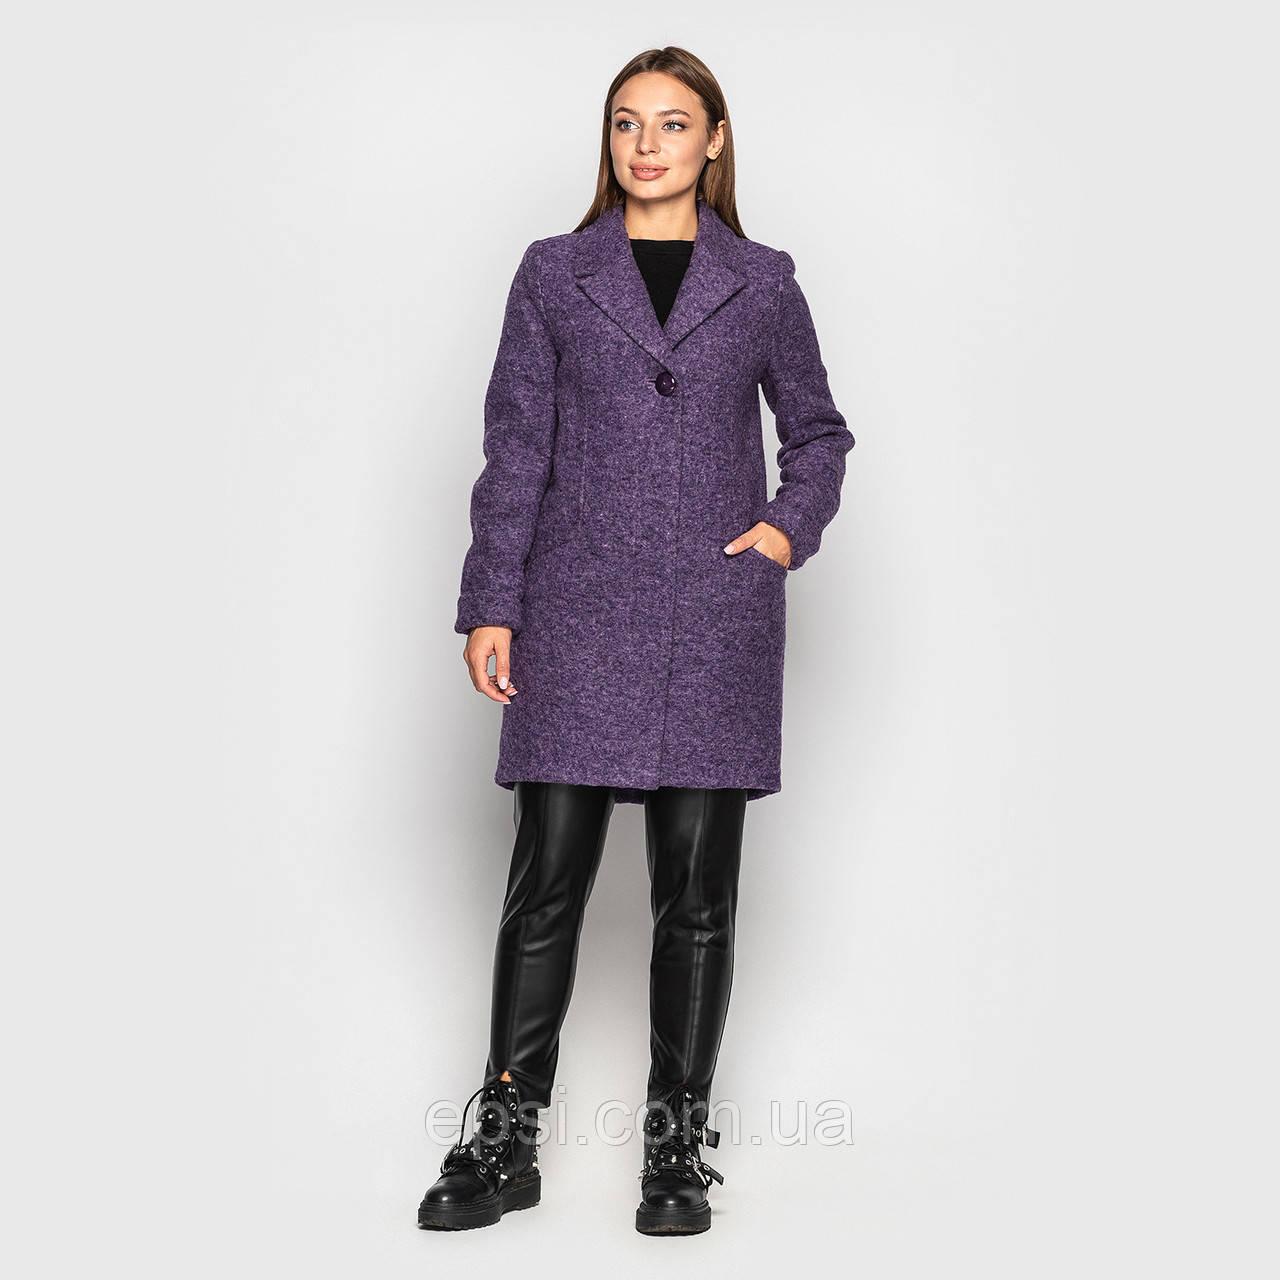 Пальто женское шерстяное Sappo  Роксана фиолетовый 40